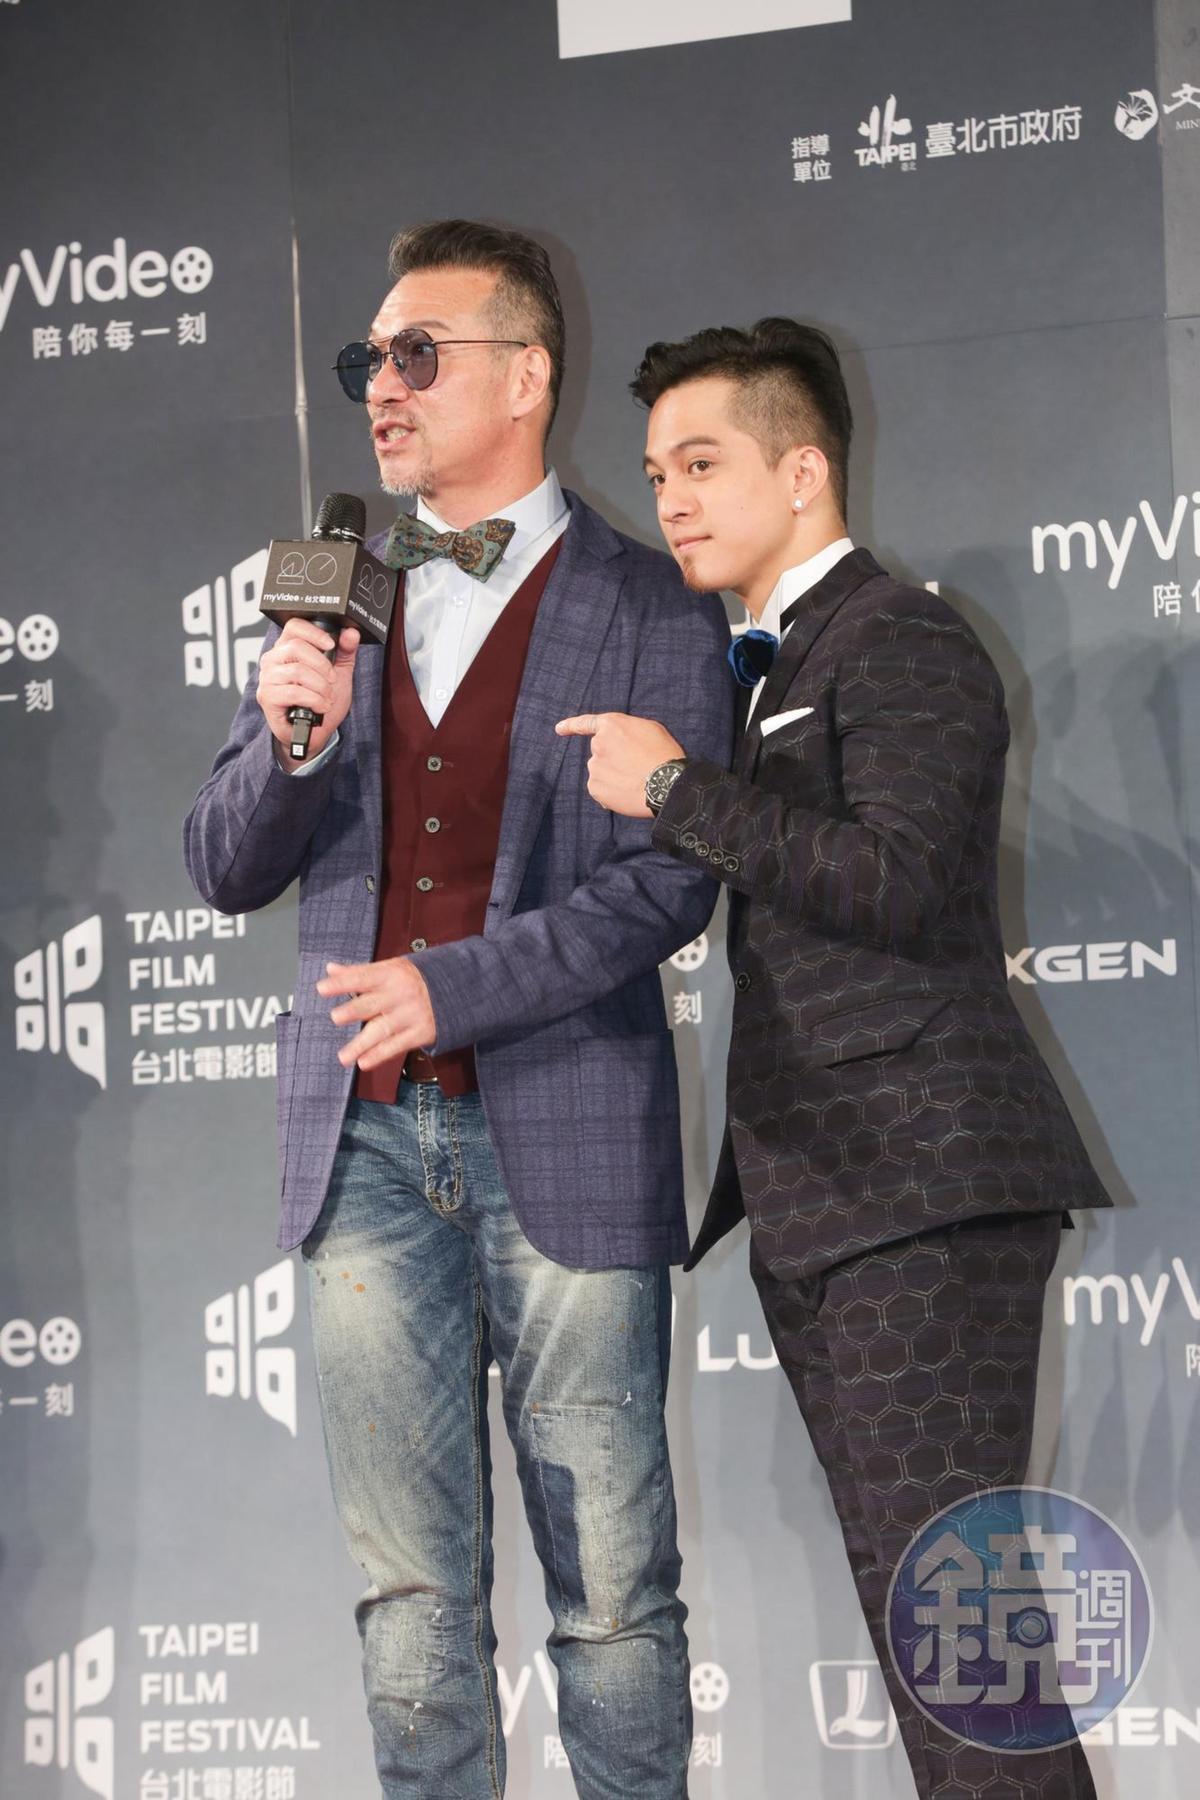 黃仲崑與兒子黃遠難得在頒獎典禮上同台亮相。